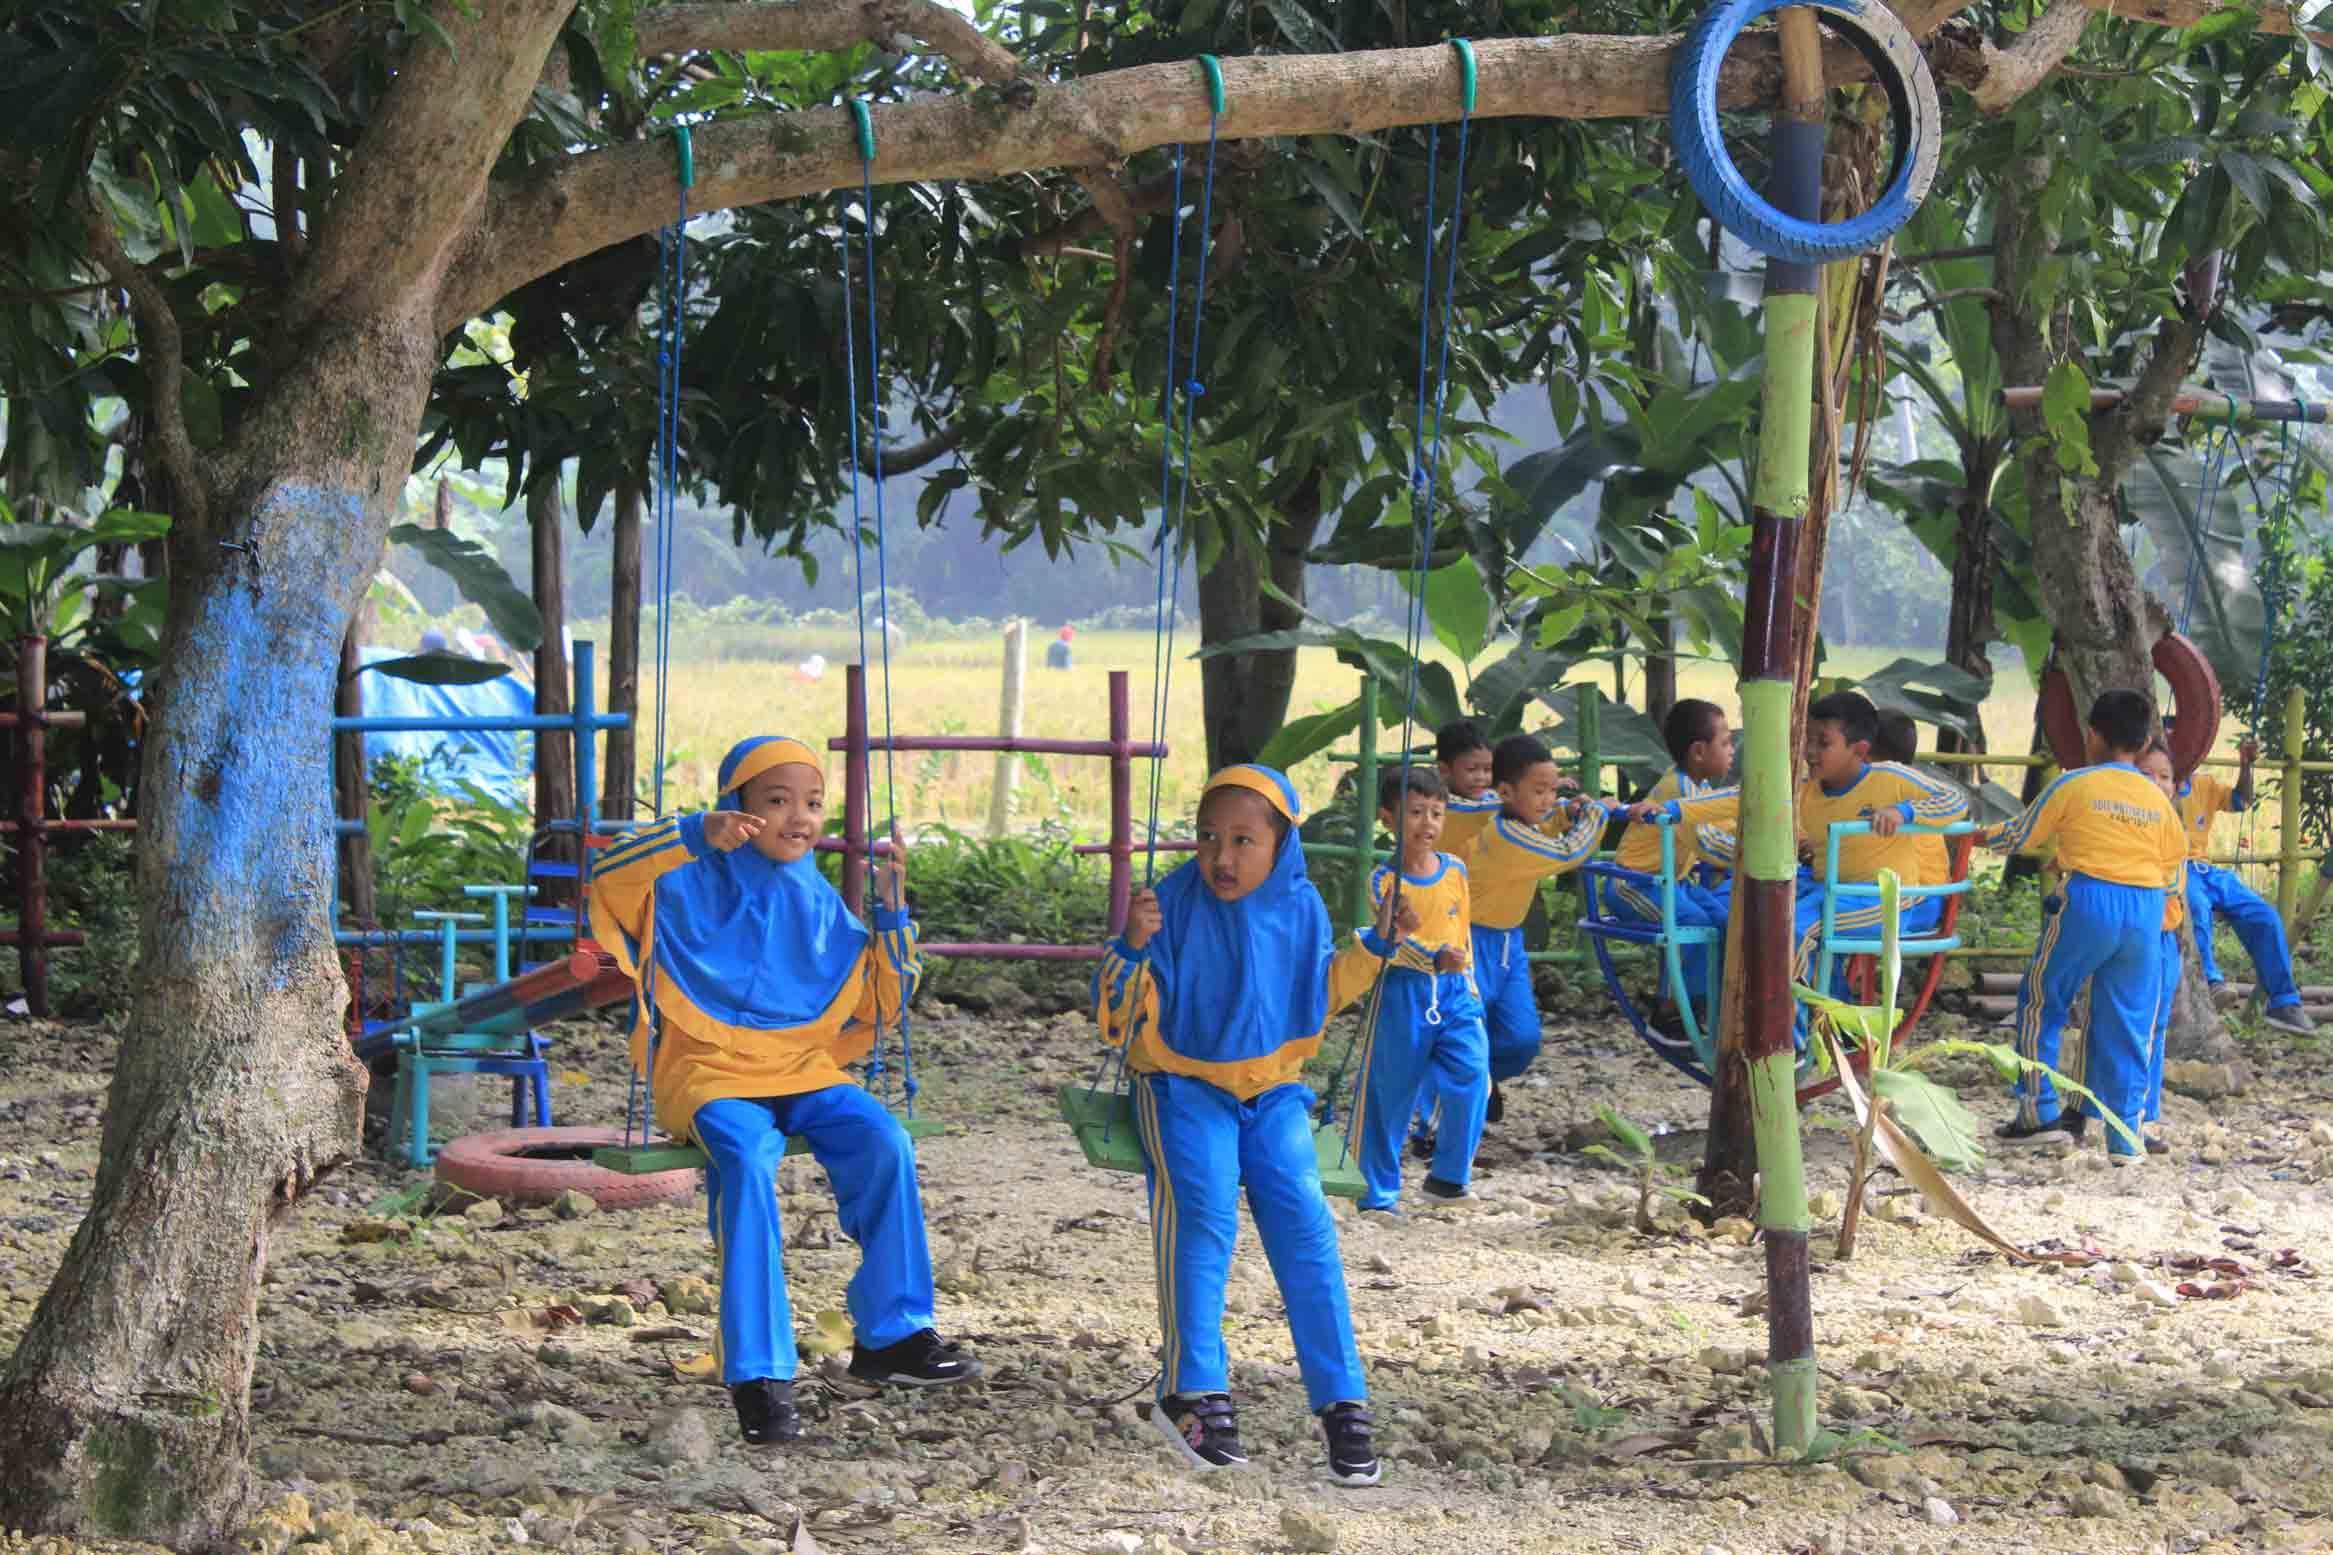 galeri-wisata-edukasi-batik-1